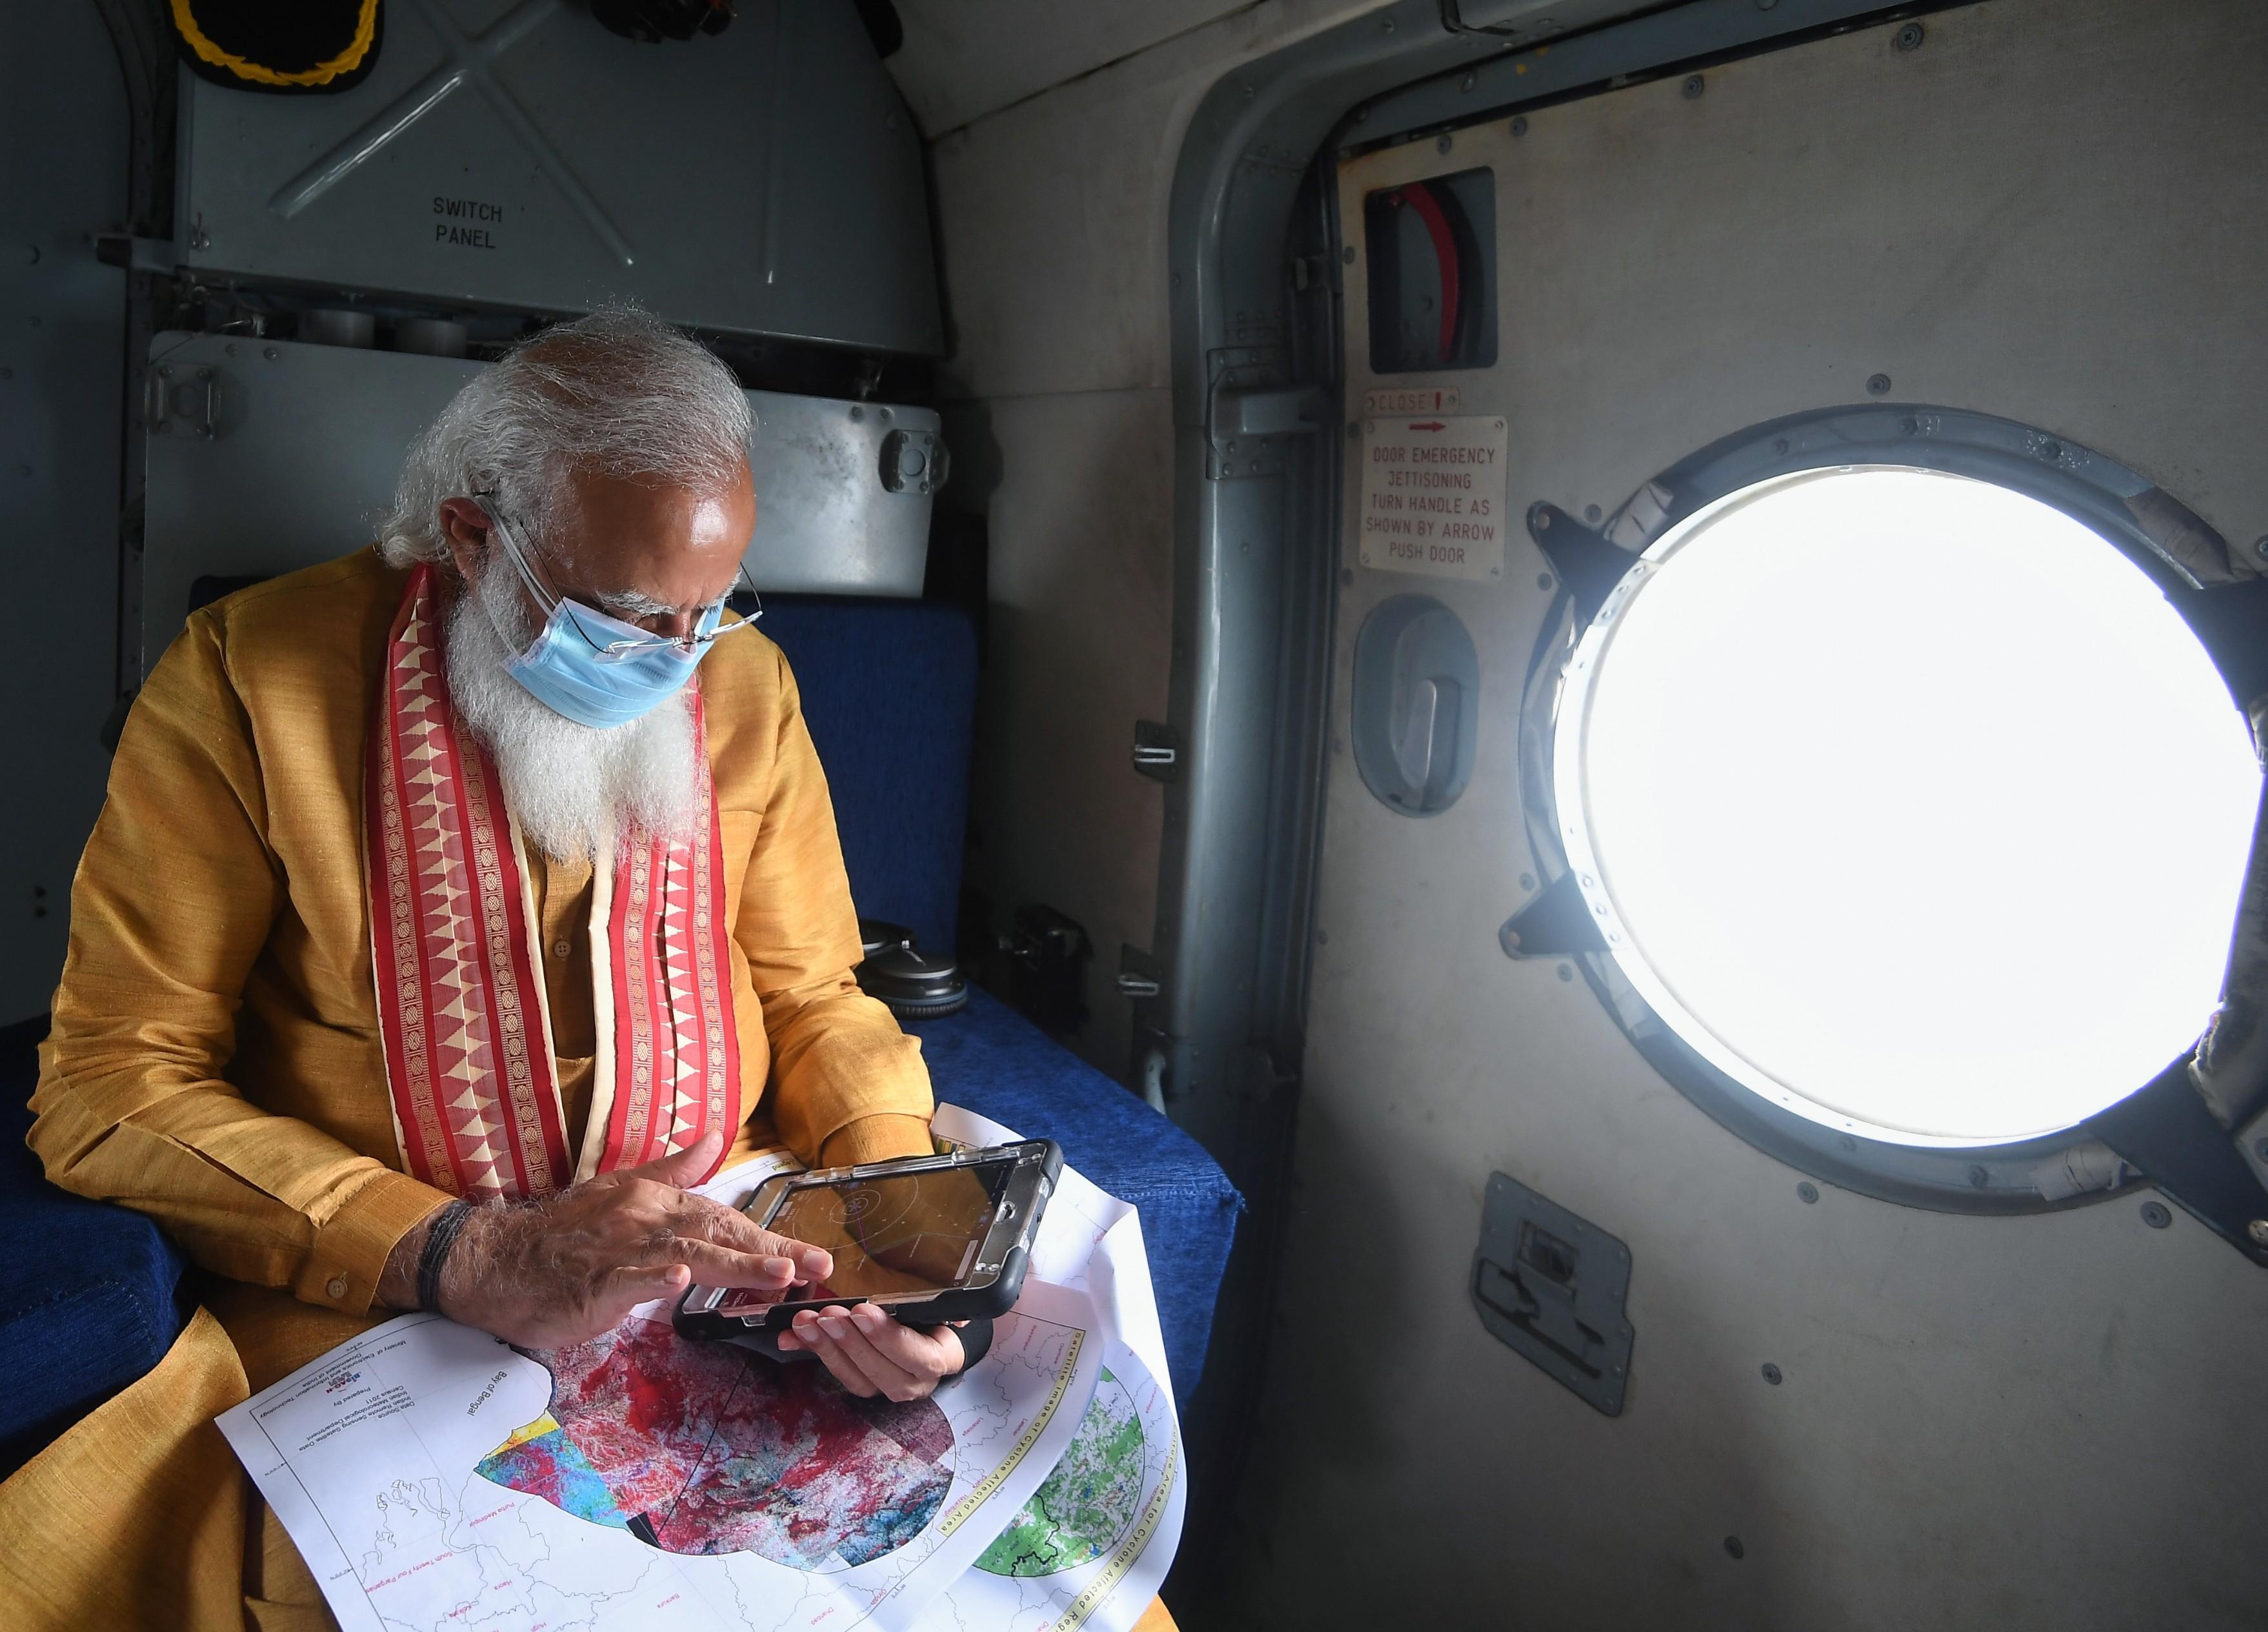 प्रधानमंत्री मोदी ने ओडिशा के भद्रक-बालेश्वर जिलों और पश्चिम बंगाल के पूर्व मेदिनीपुर का हवाई सर्वे किया।